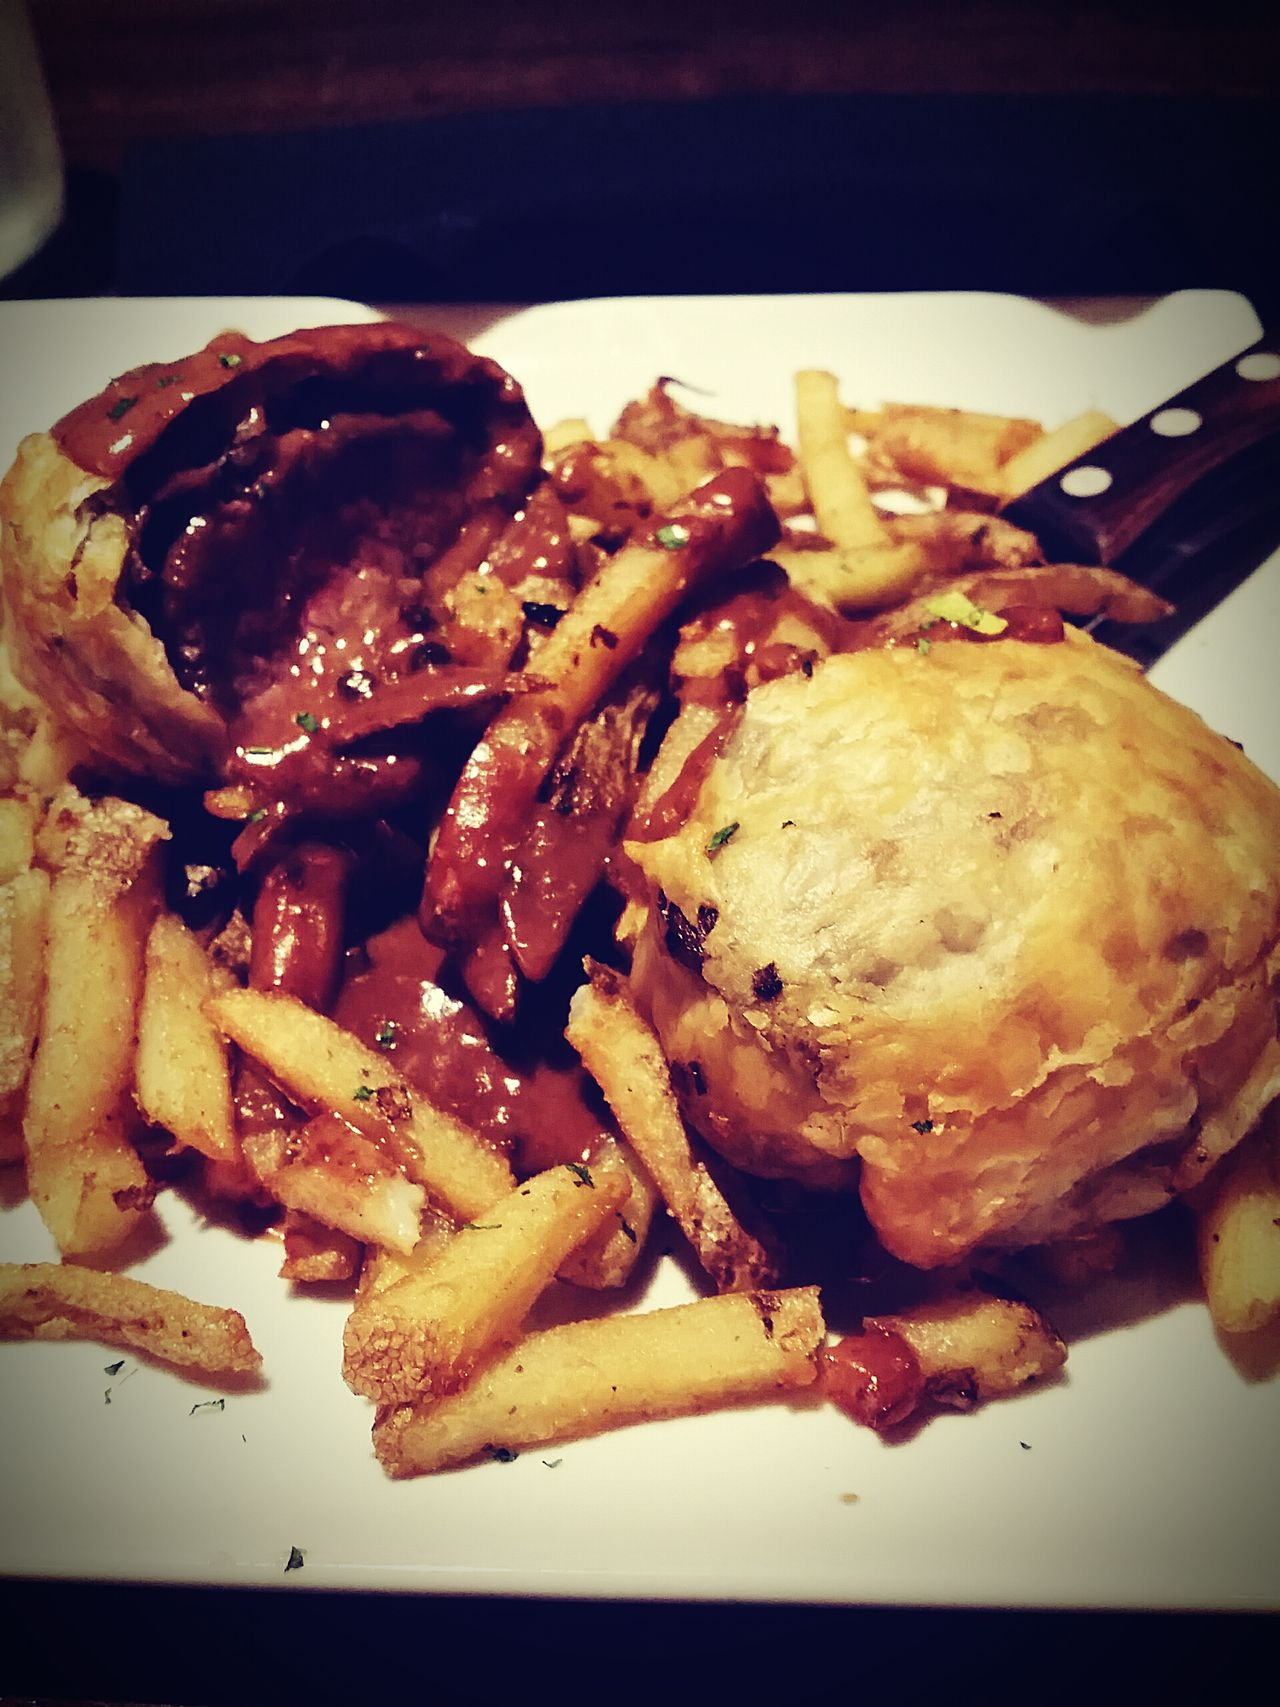 Street Food Worldwide YYZ Foodie Mun336approved